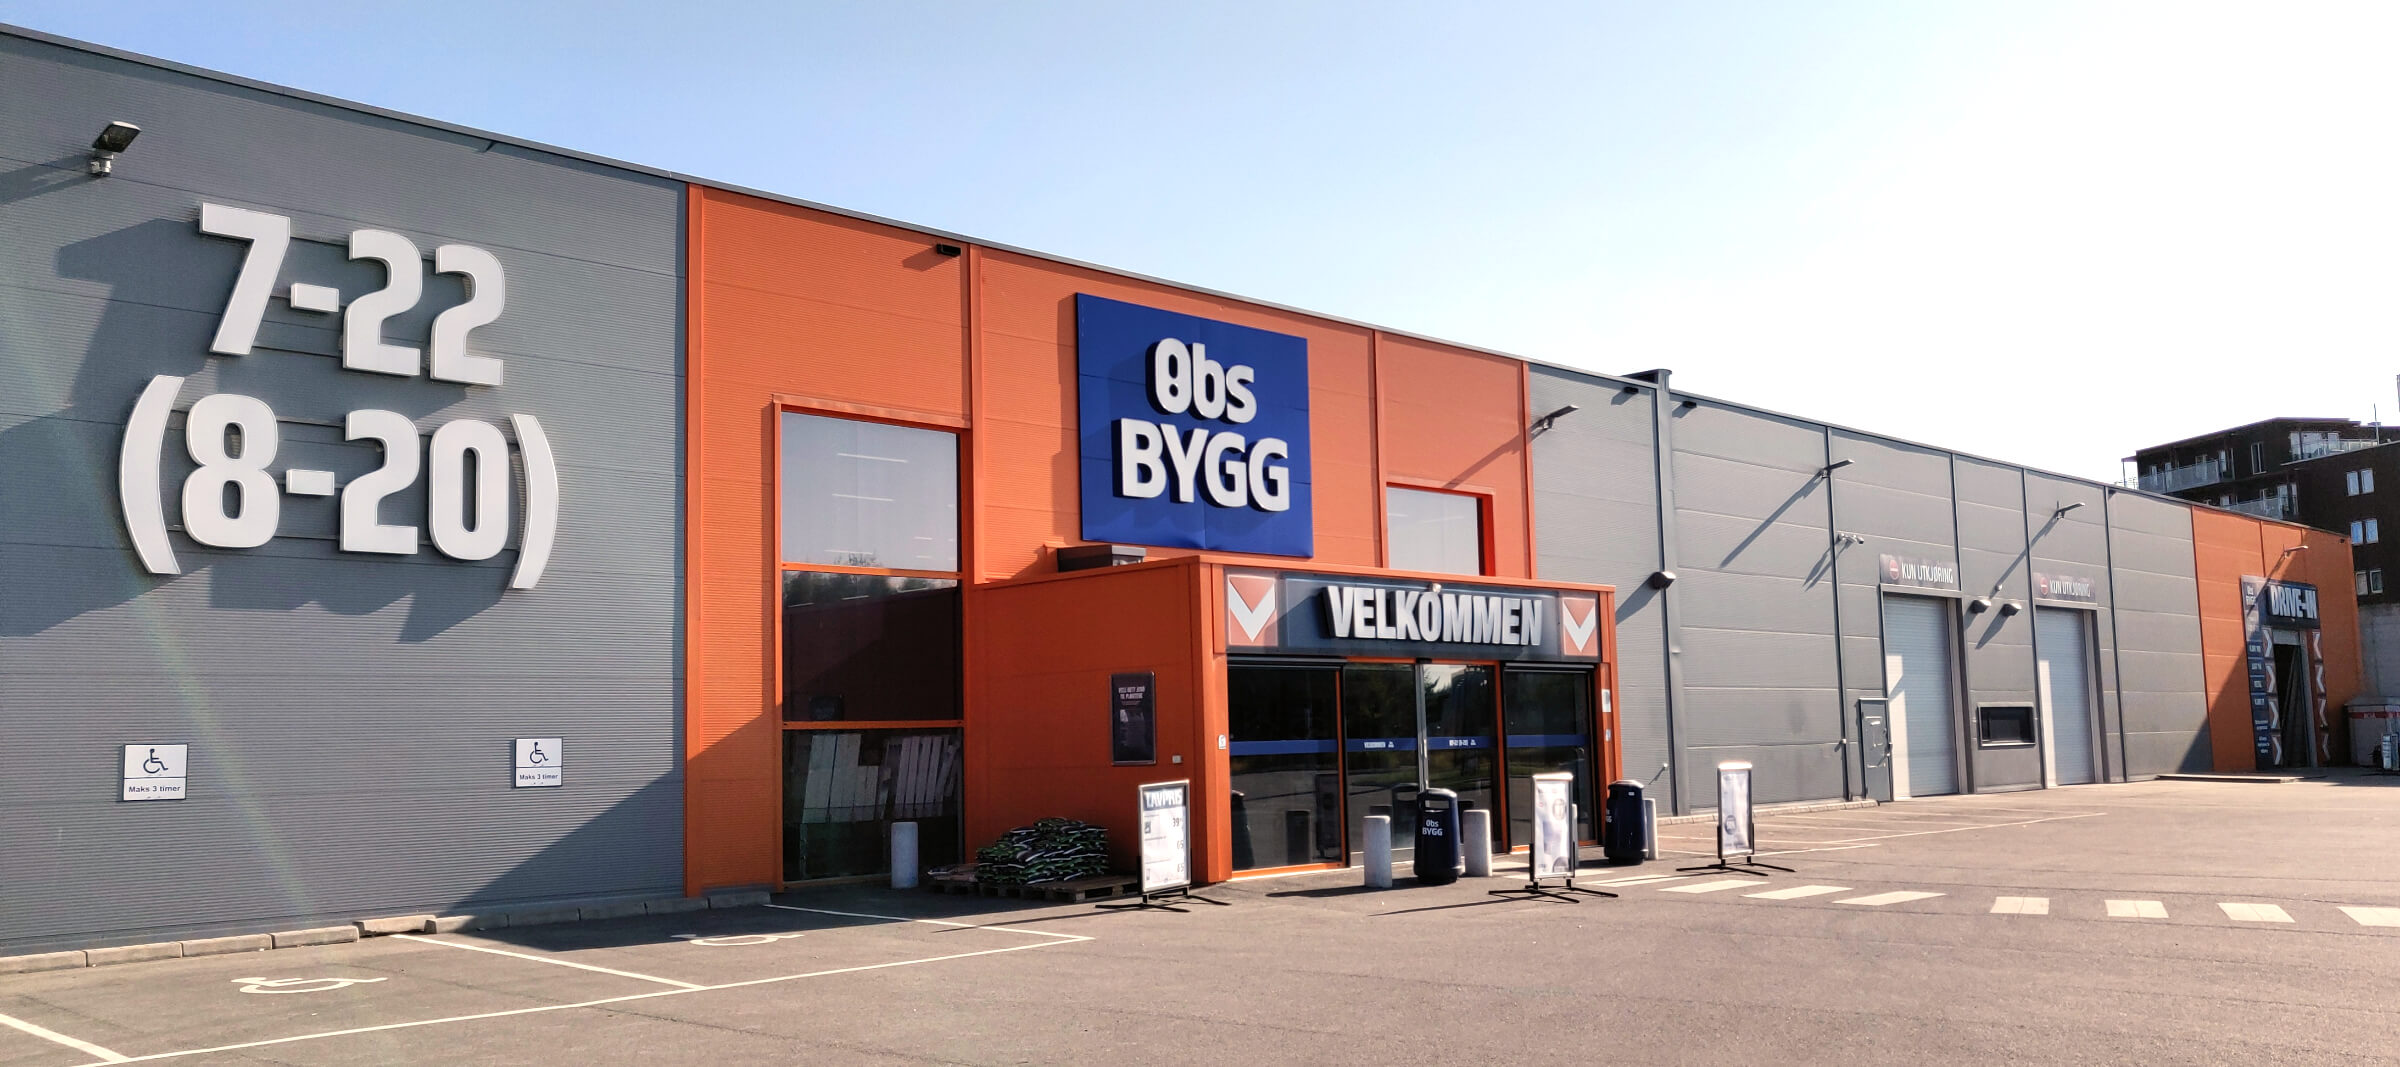 Obs BYGG